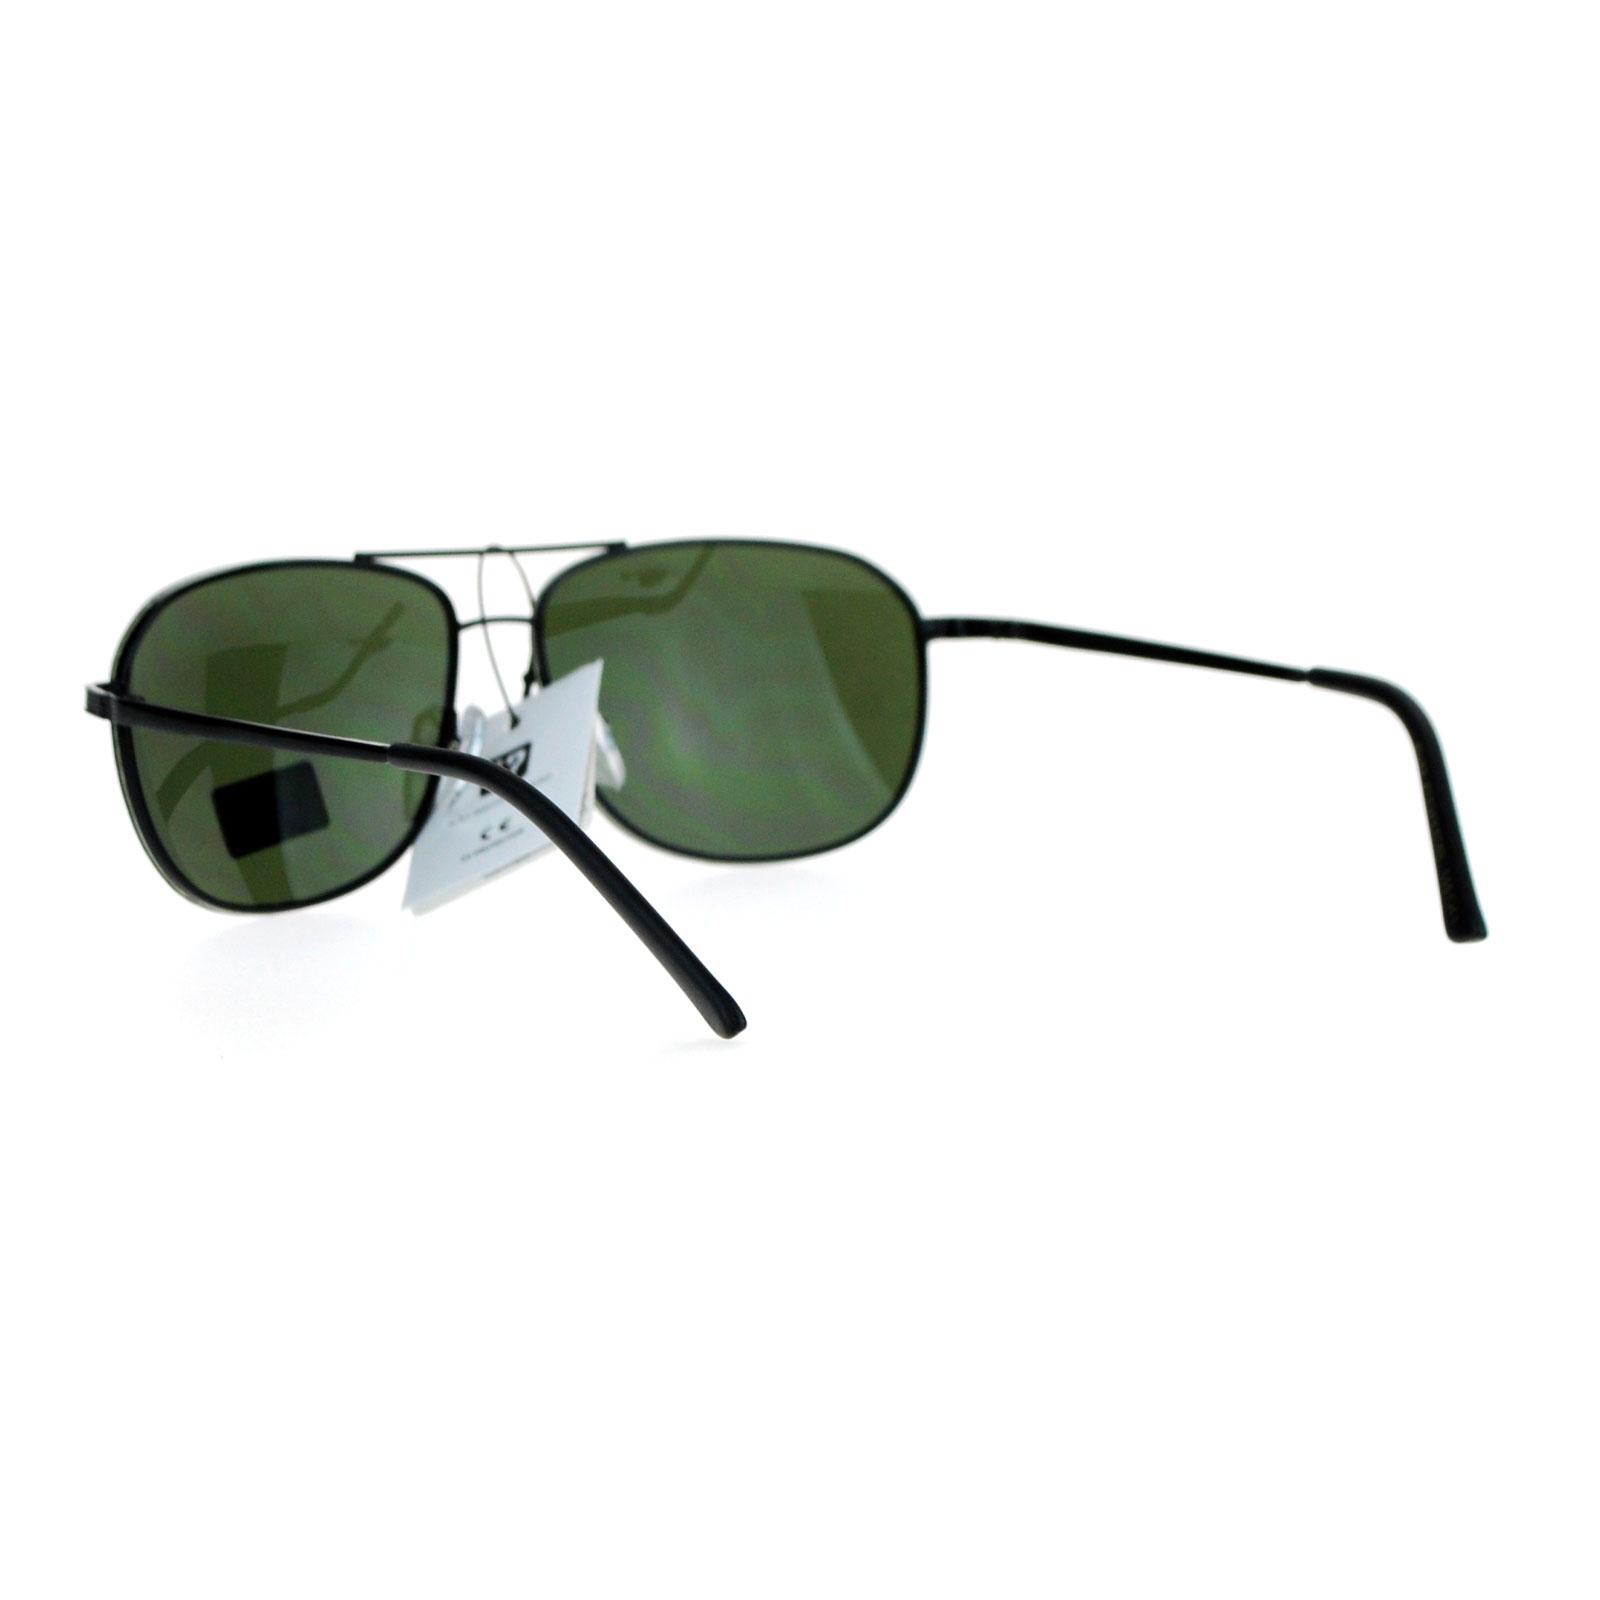 Rimless Aviator Sunglasses : SA106 Air Force Mens Mirrored Rimless Aviator Sunglasses ...